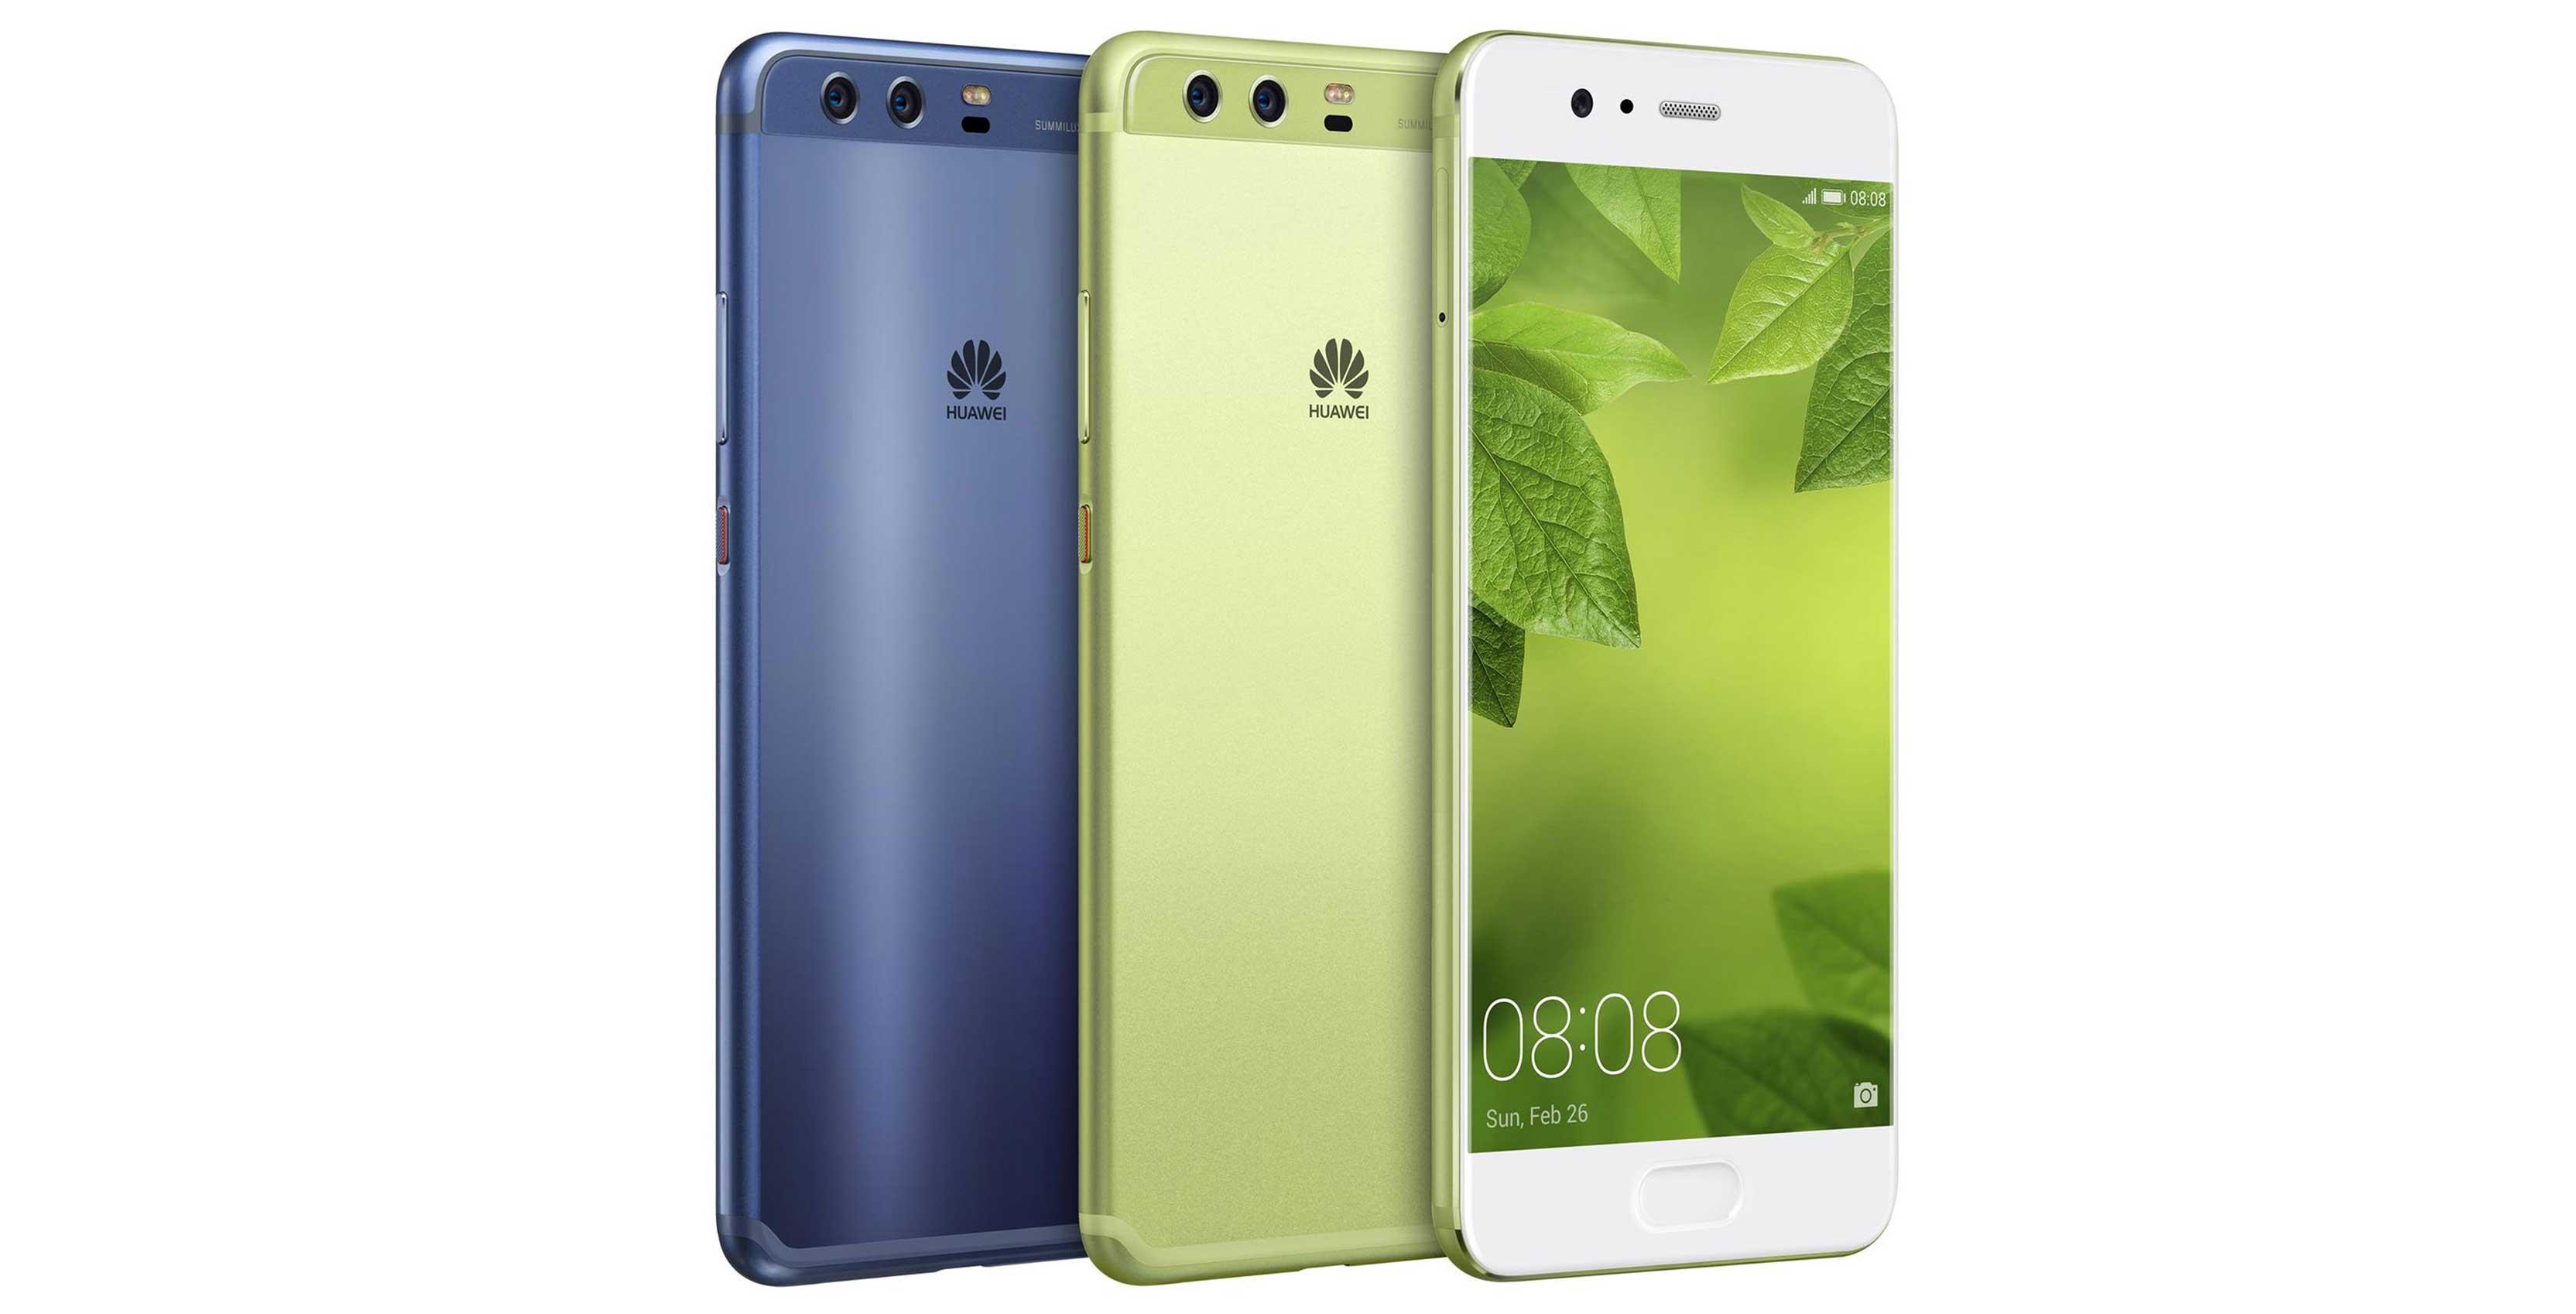 Photo of Huawei's P10